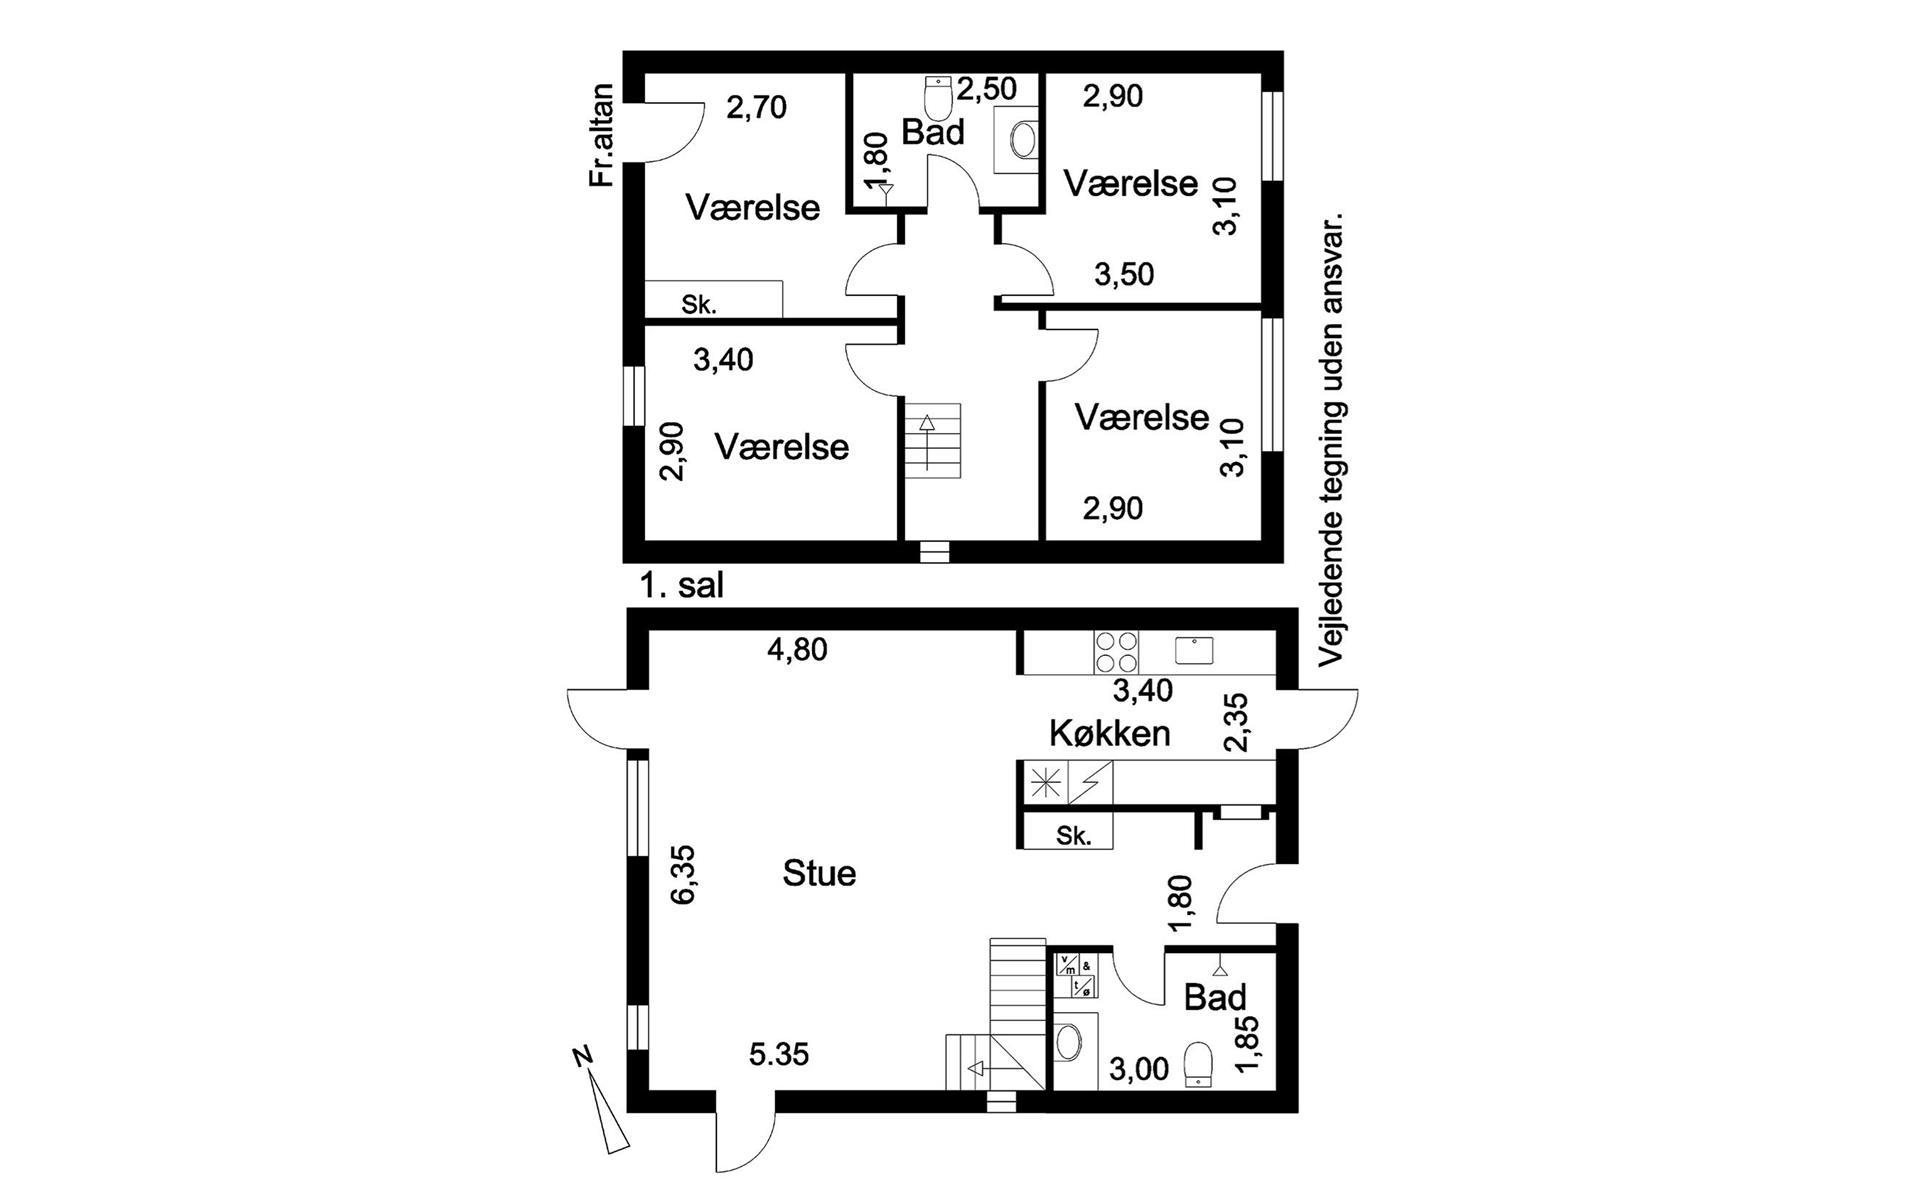 Rækkehus på Gaaseager i Glostrup - Plantegning